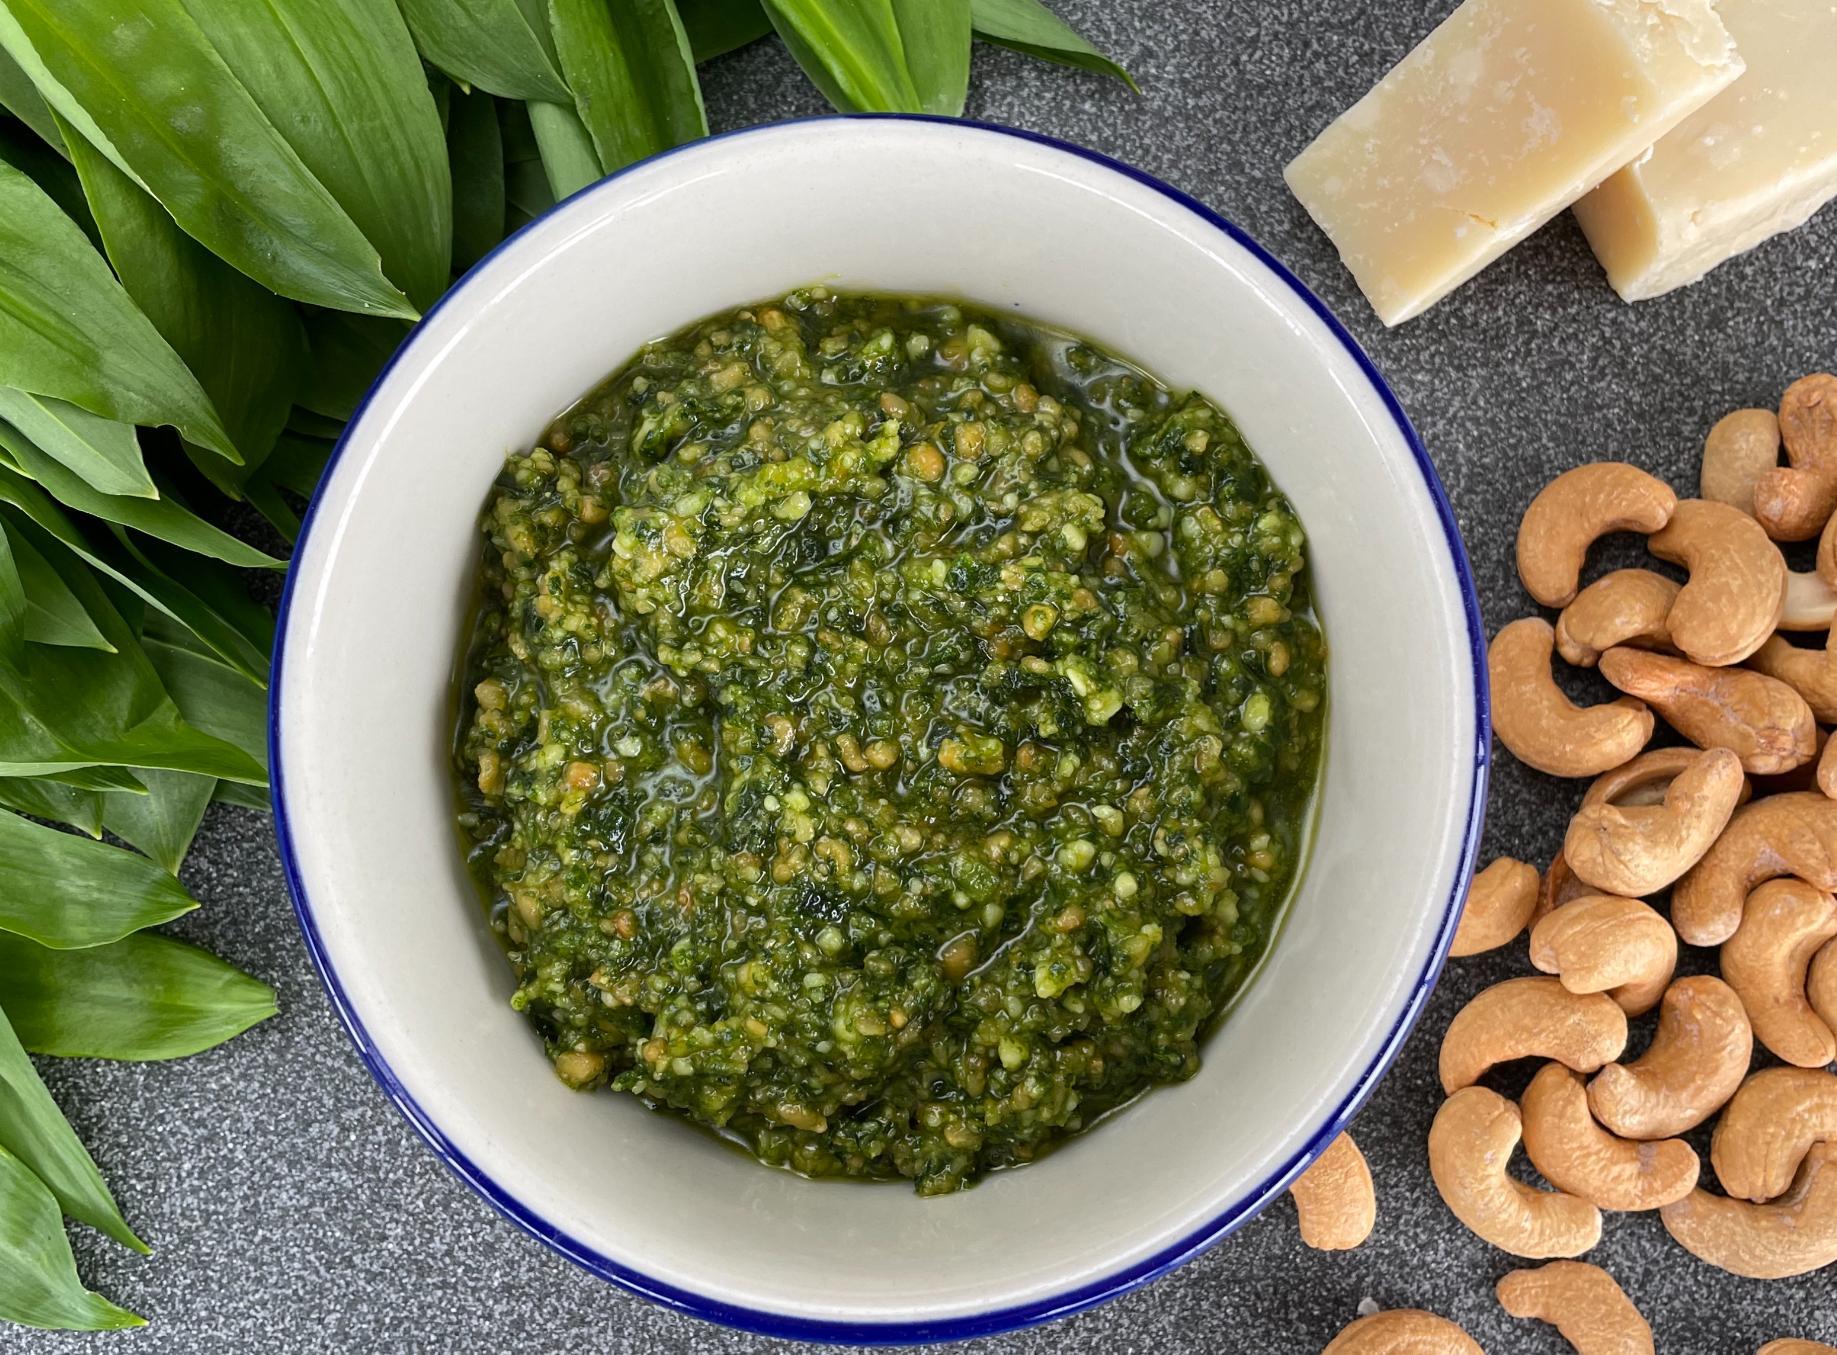 Pesto av ramslök, cashewnötter och olja är gott både till pasta, grillat och på smörgåsen.